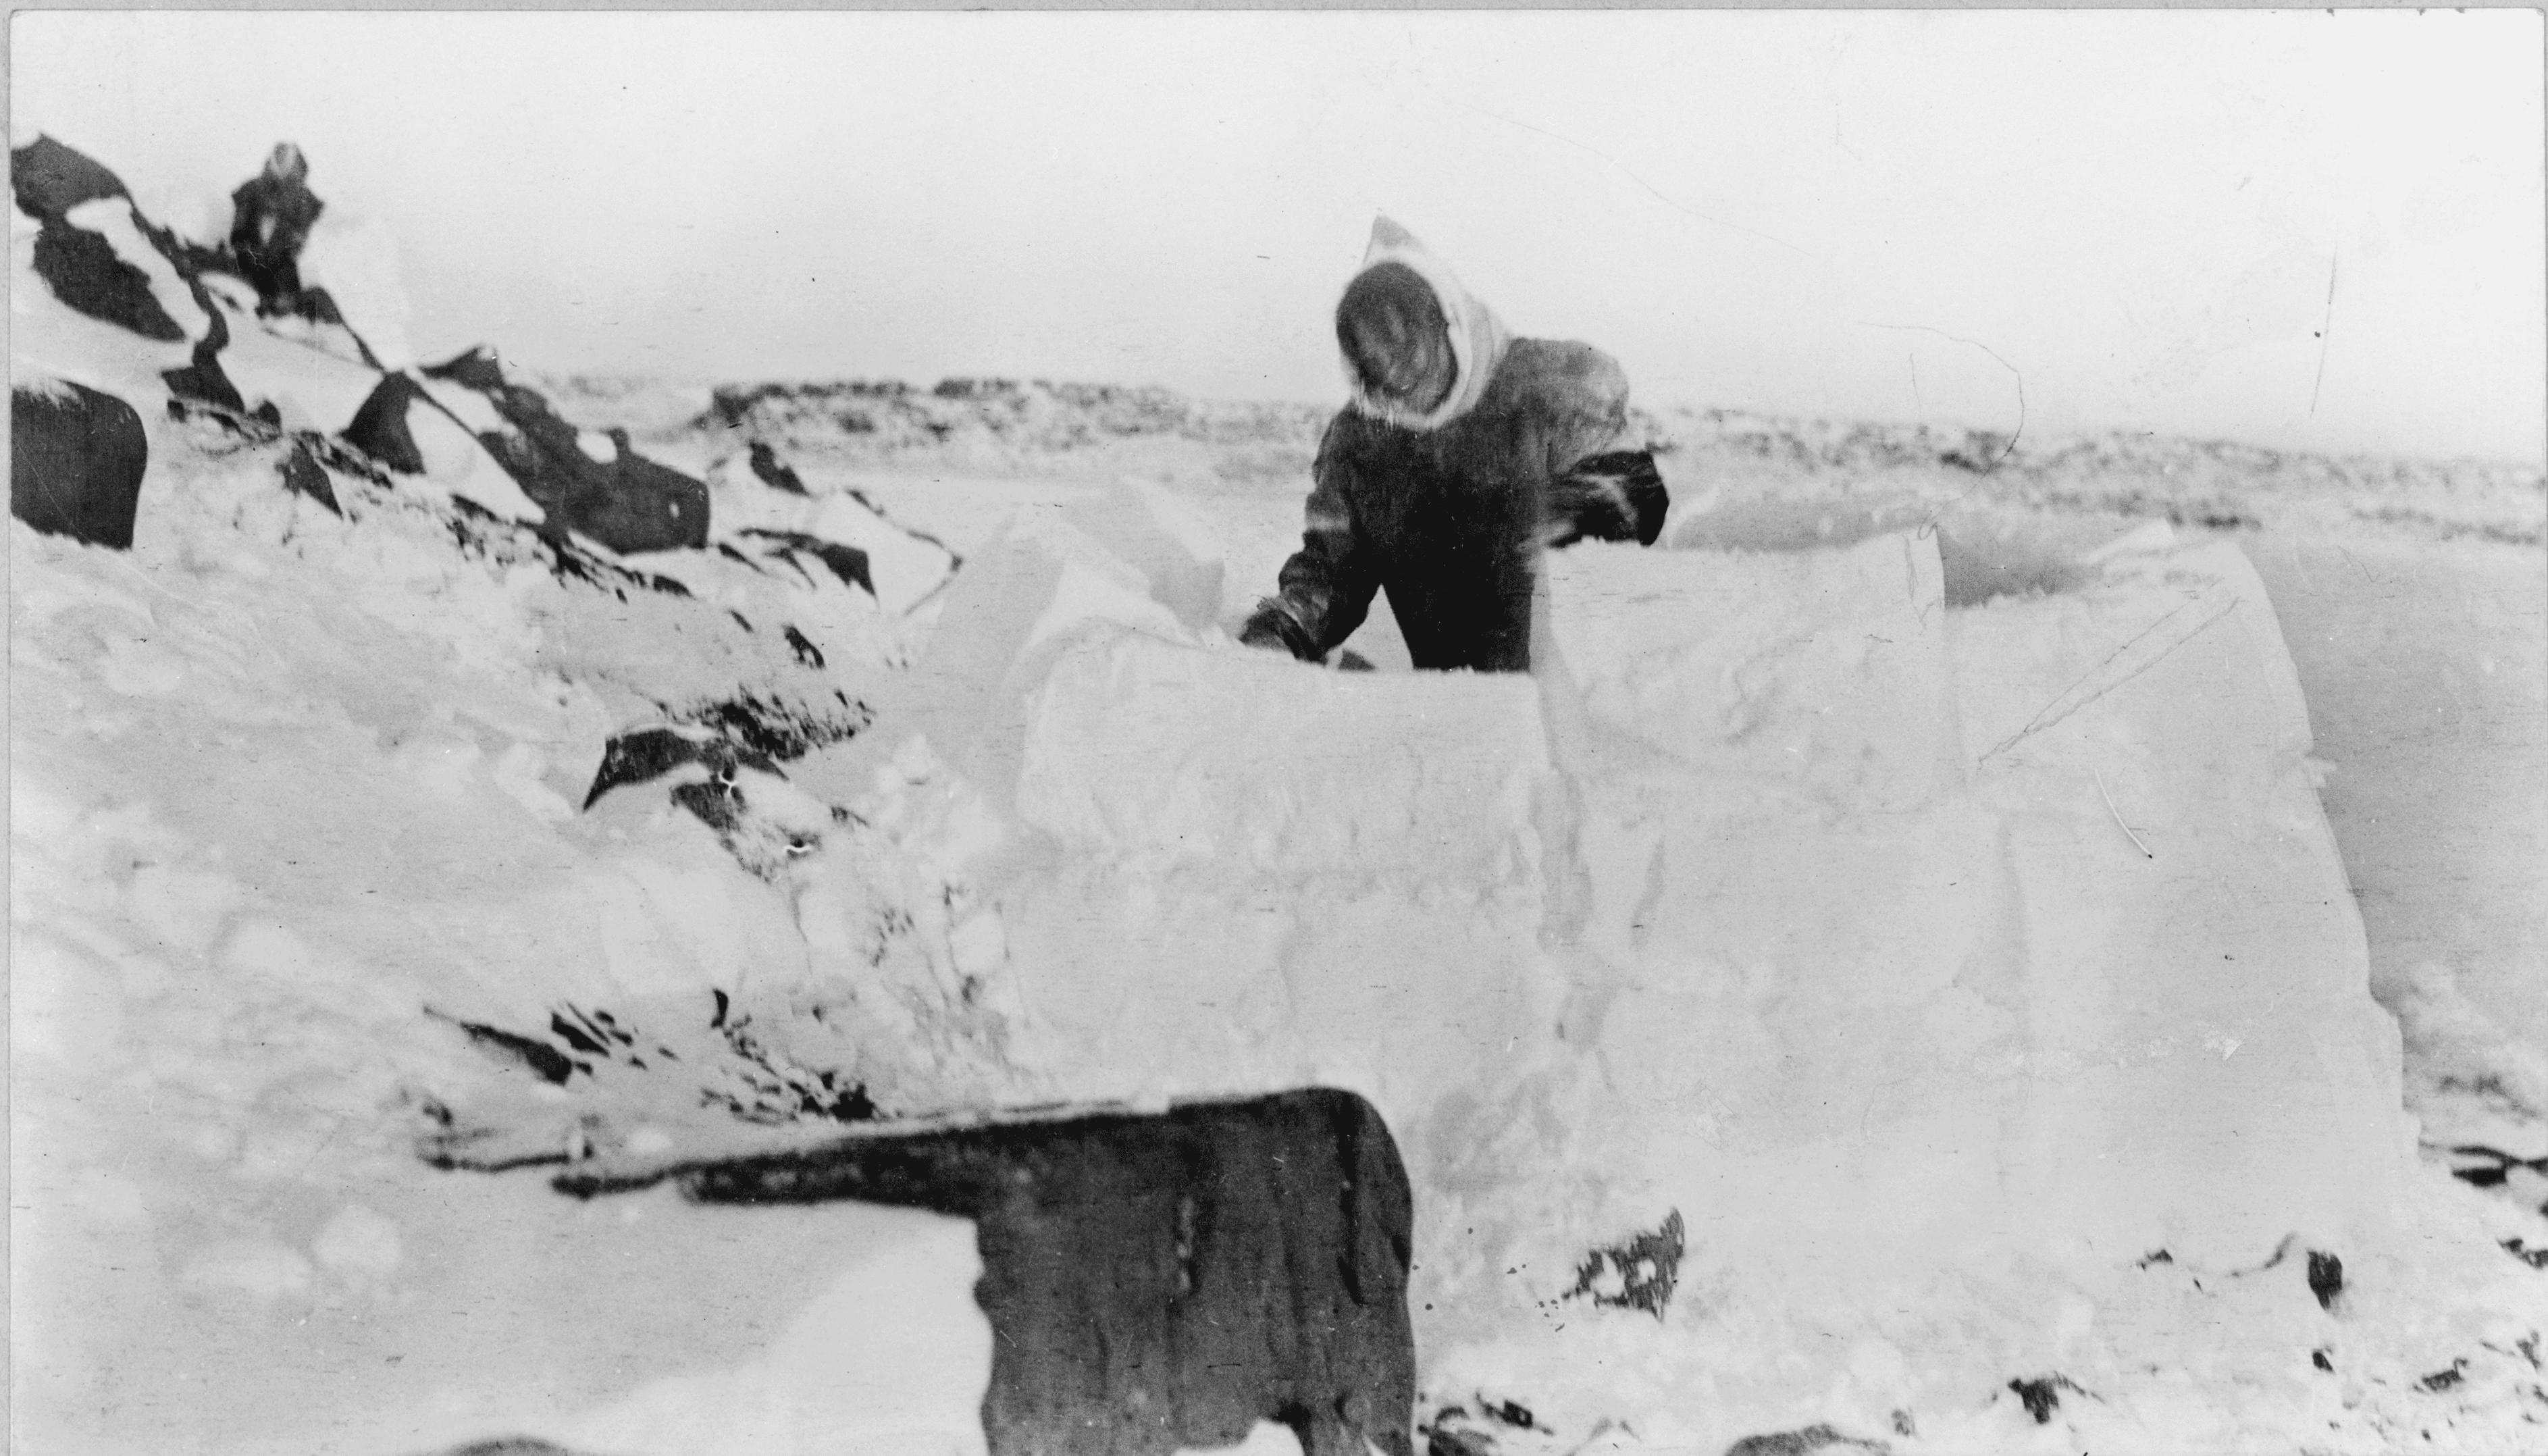 Ο άνθρωπος που χτίζει ένα σπίτι χιονιού, ca.  1929